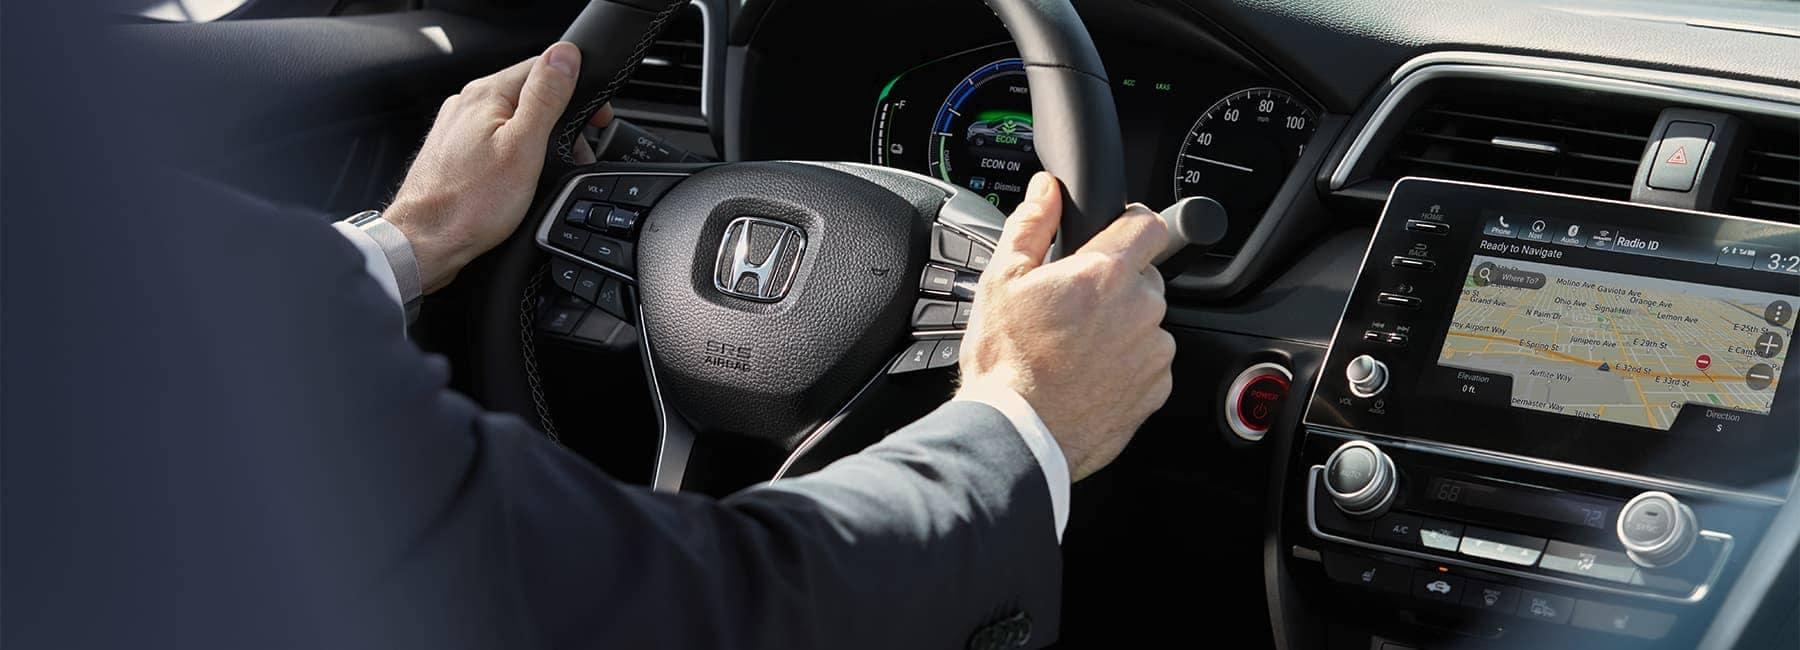 2020-honda-ridgeline-2021-honda-insight-interior-hands-on-steering--wheel